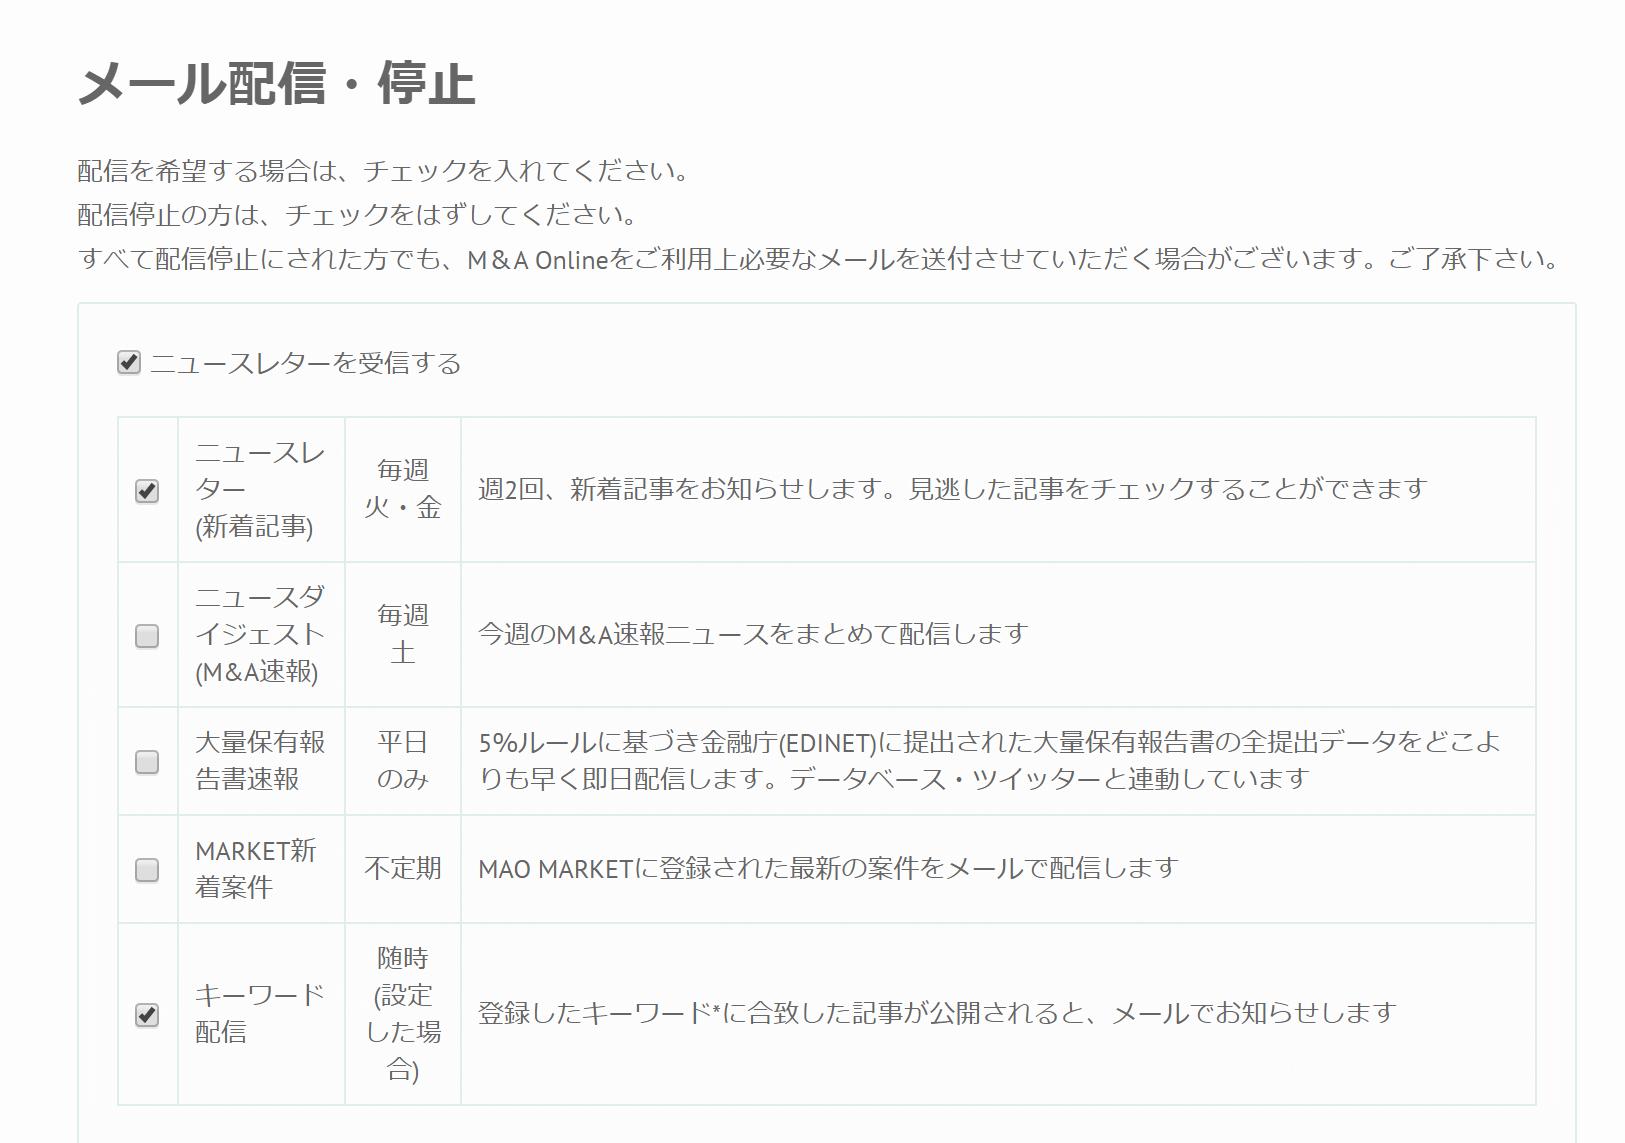 M&A Online メール配信設定画面